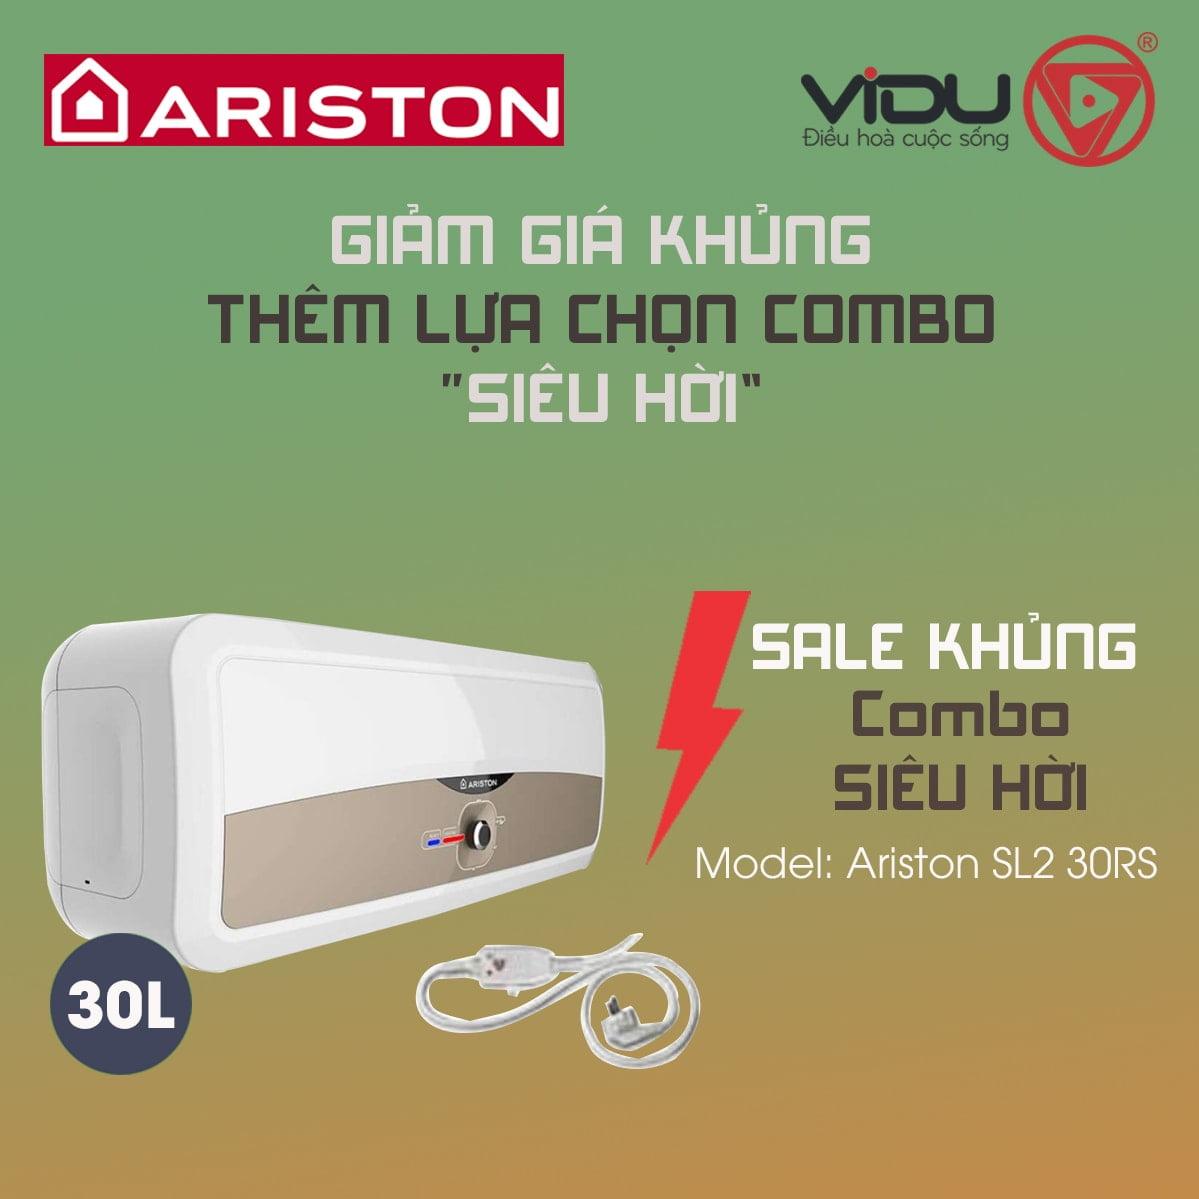 Bình nóng lạnh gián tiếp Ariston 30L SL2 30RS